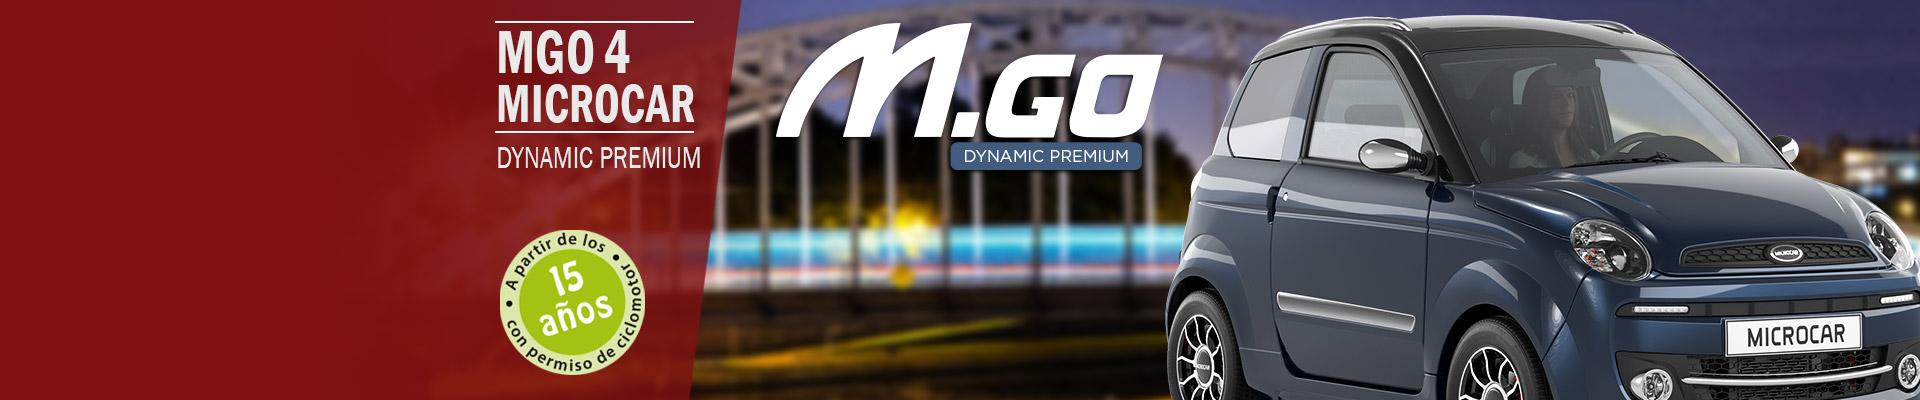 Descubre el Microcar MG0 Premium